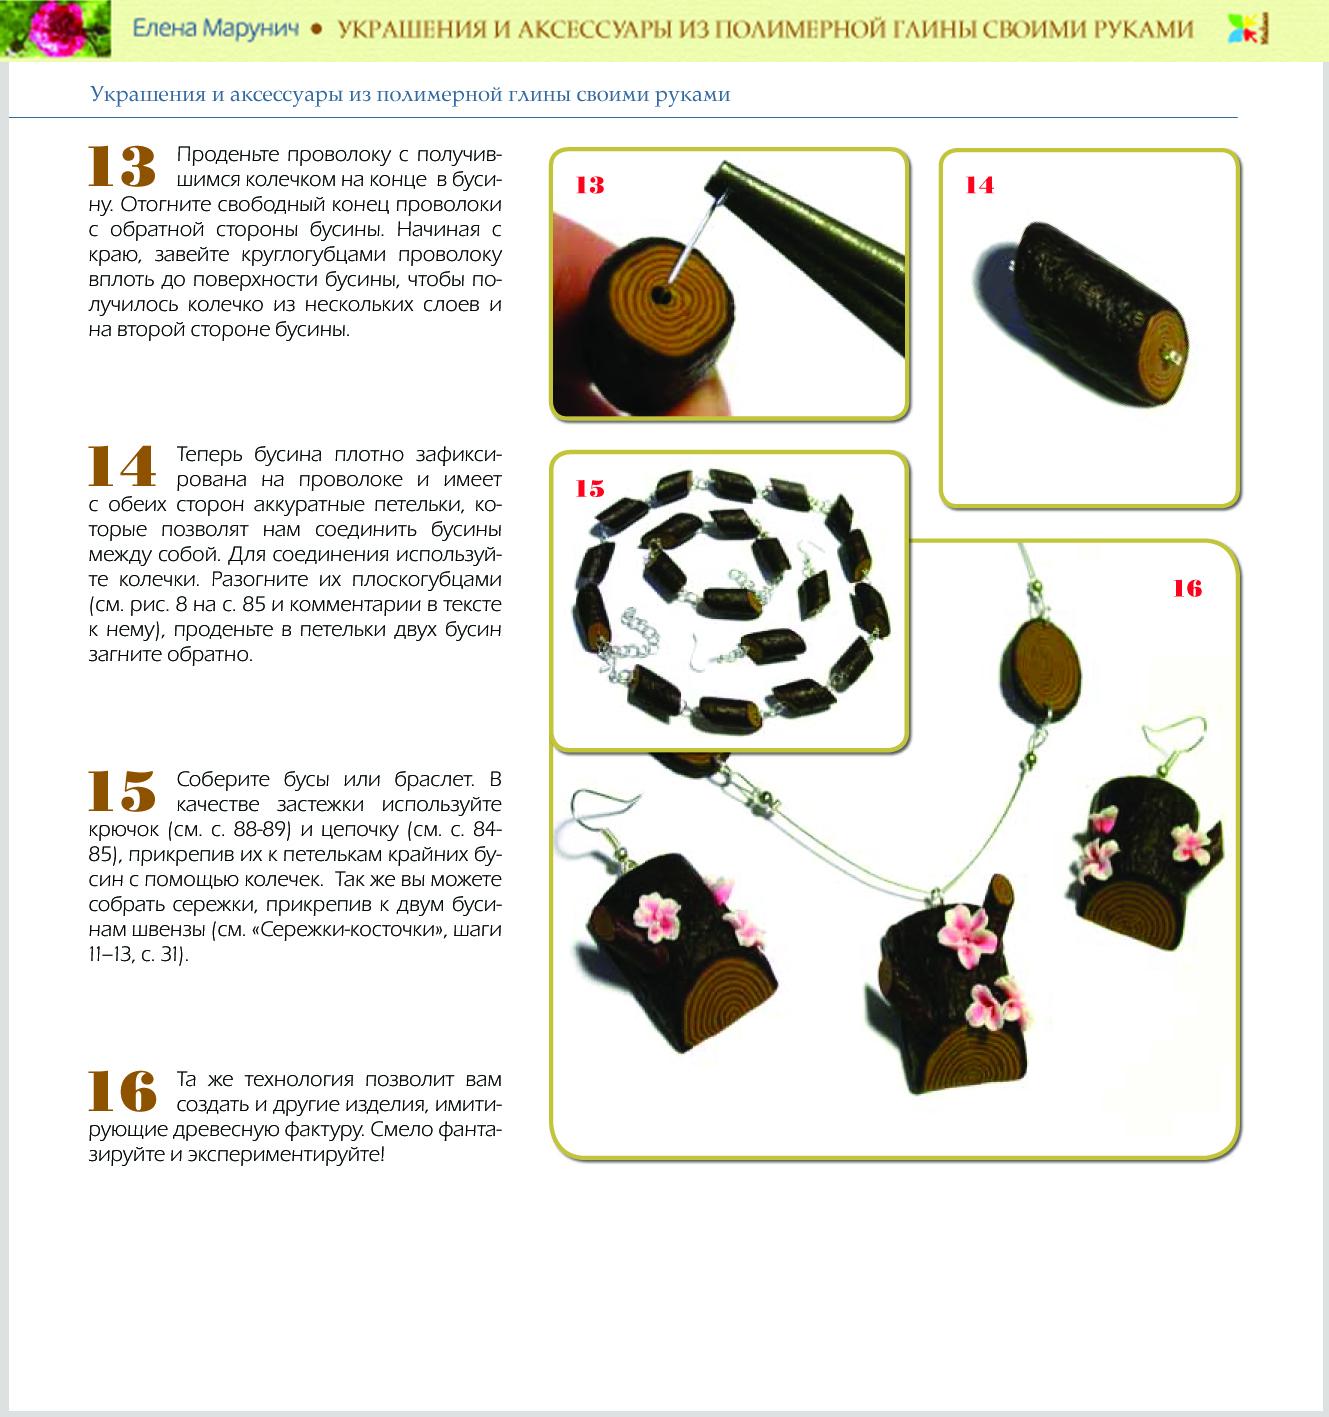 полимерная глина уроки для начинающих, полимерная глина для начинающих, полимерная глина мастер-класс, мастер-класс по полимерной глине, украшения из полимерной глины своими руками, украшения своими руками, марунич